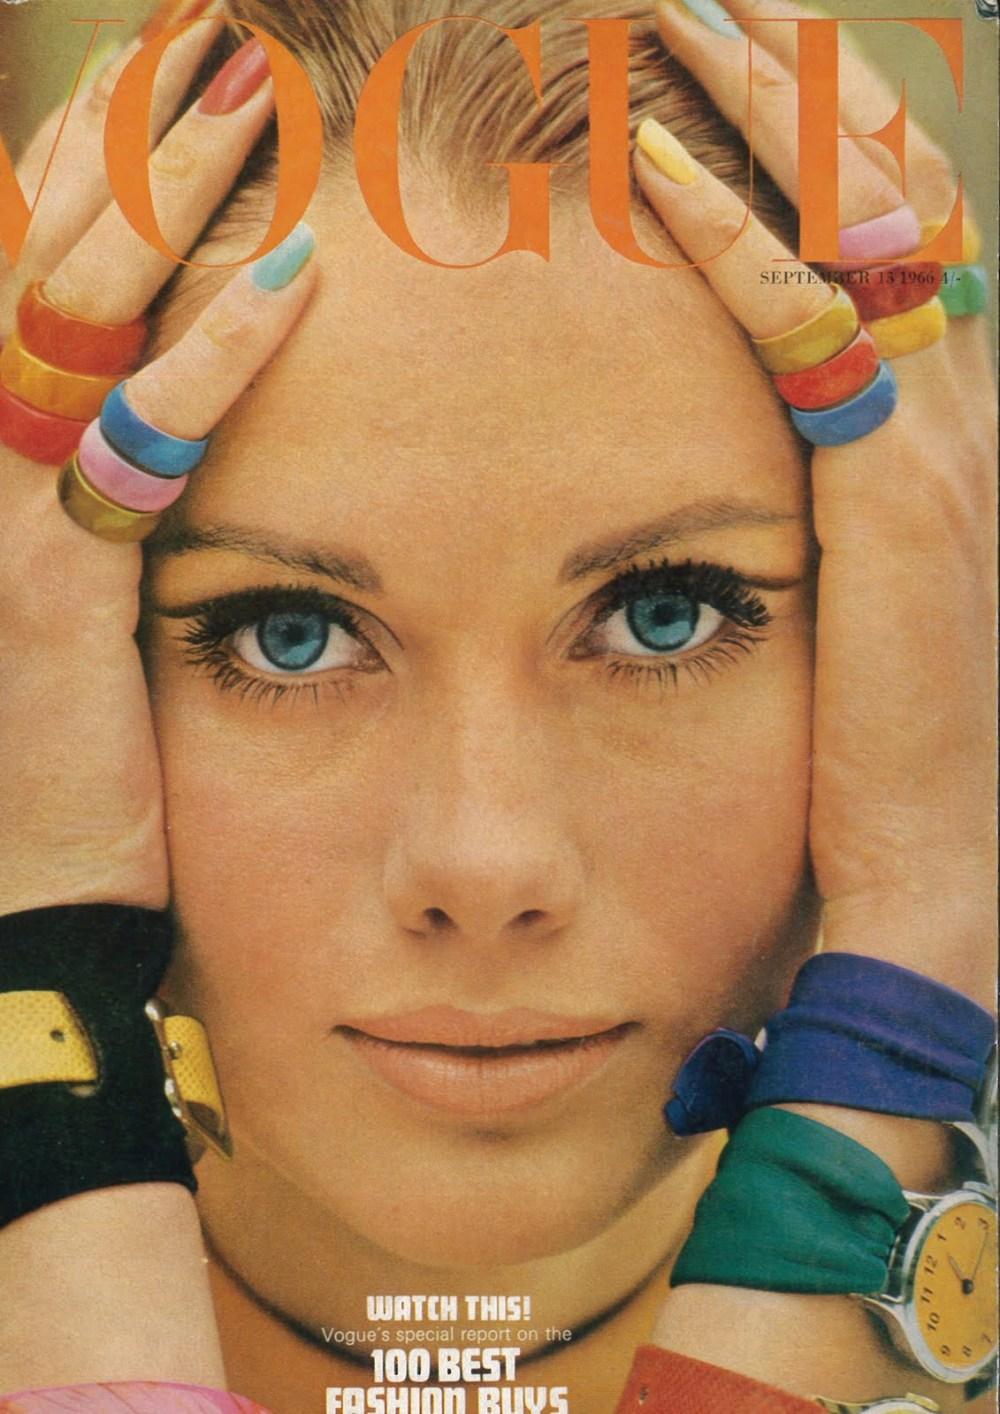 1966 vogue september maud adams cover